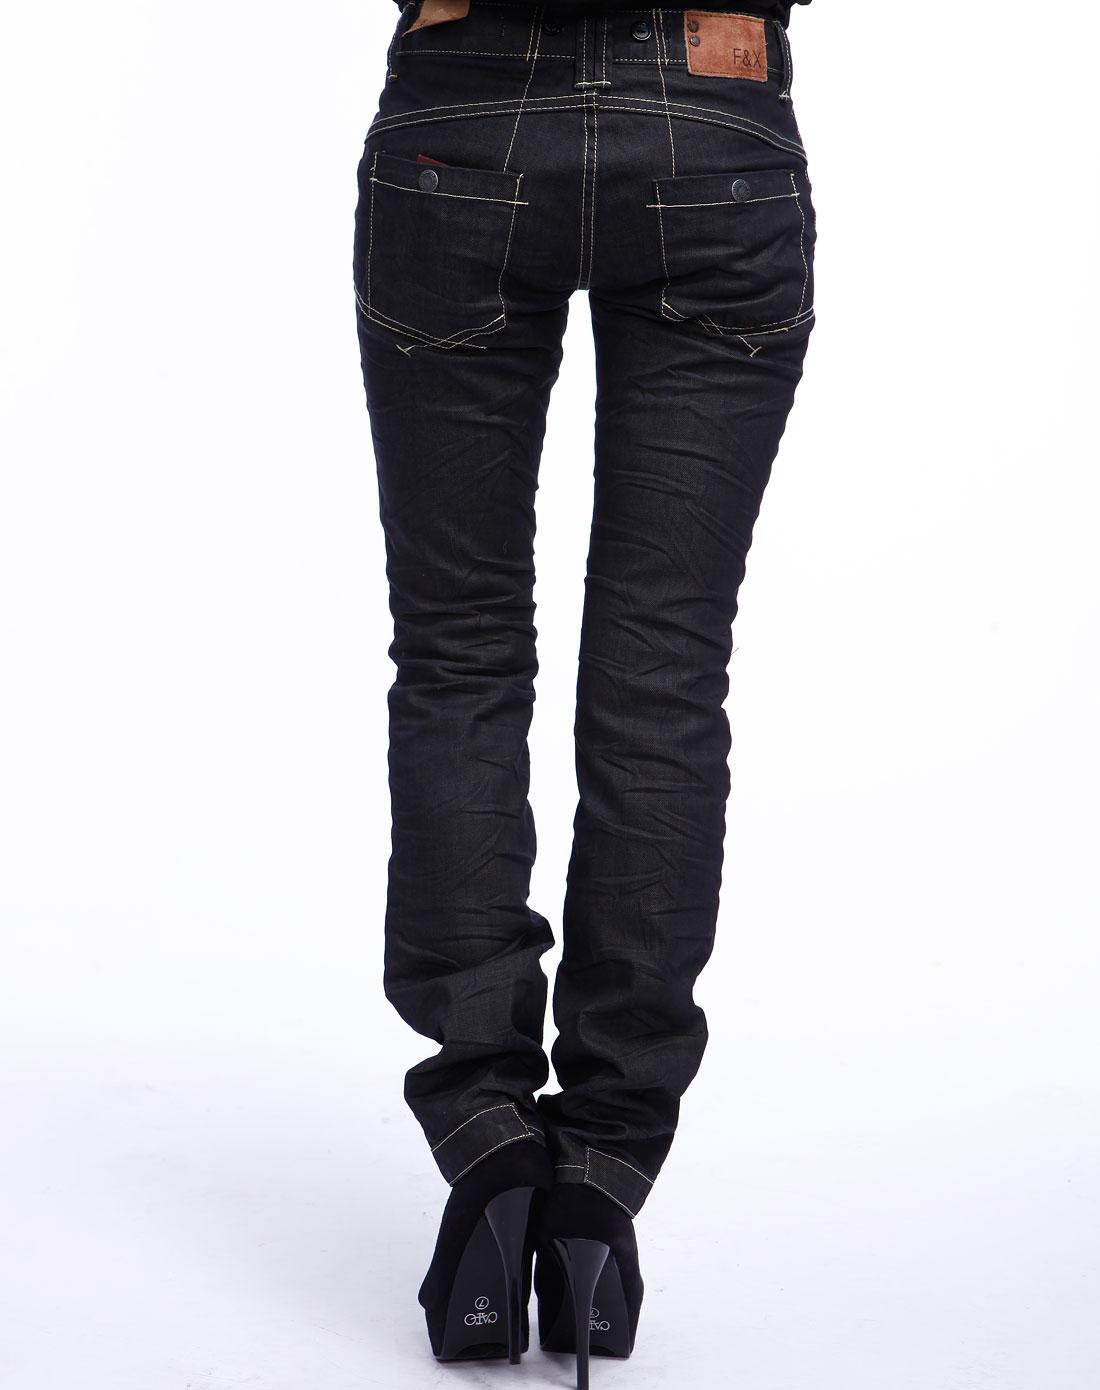 女款黑色休闲牛仔长裤